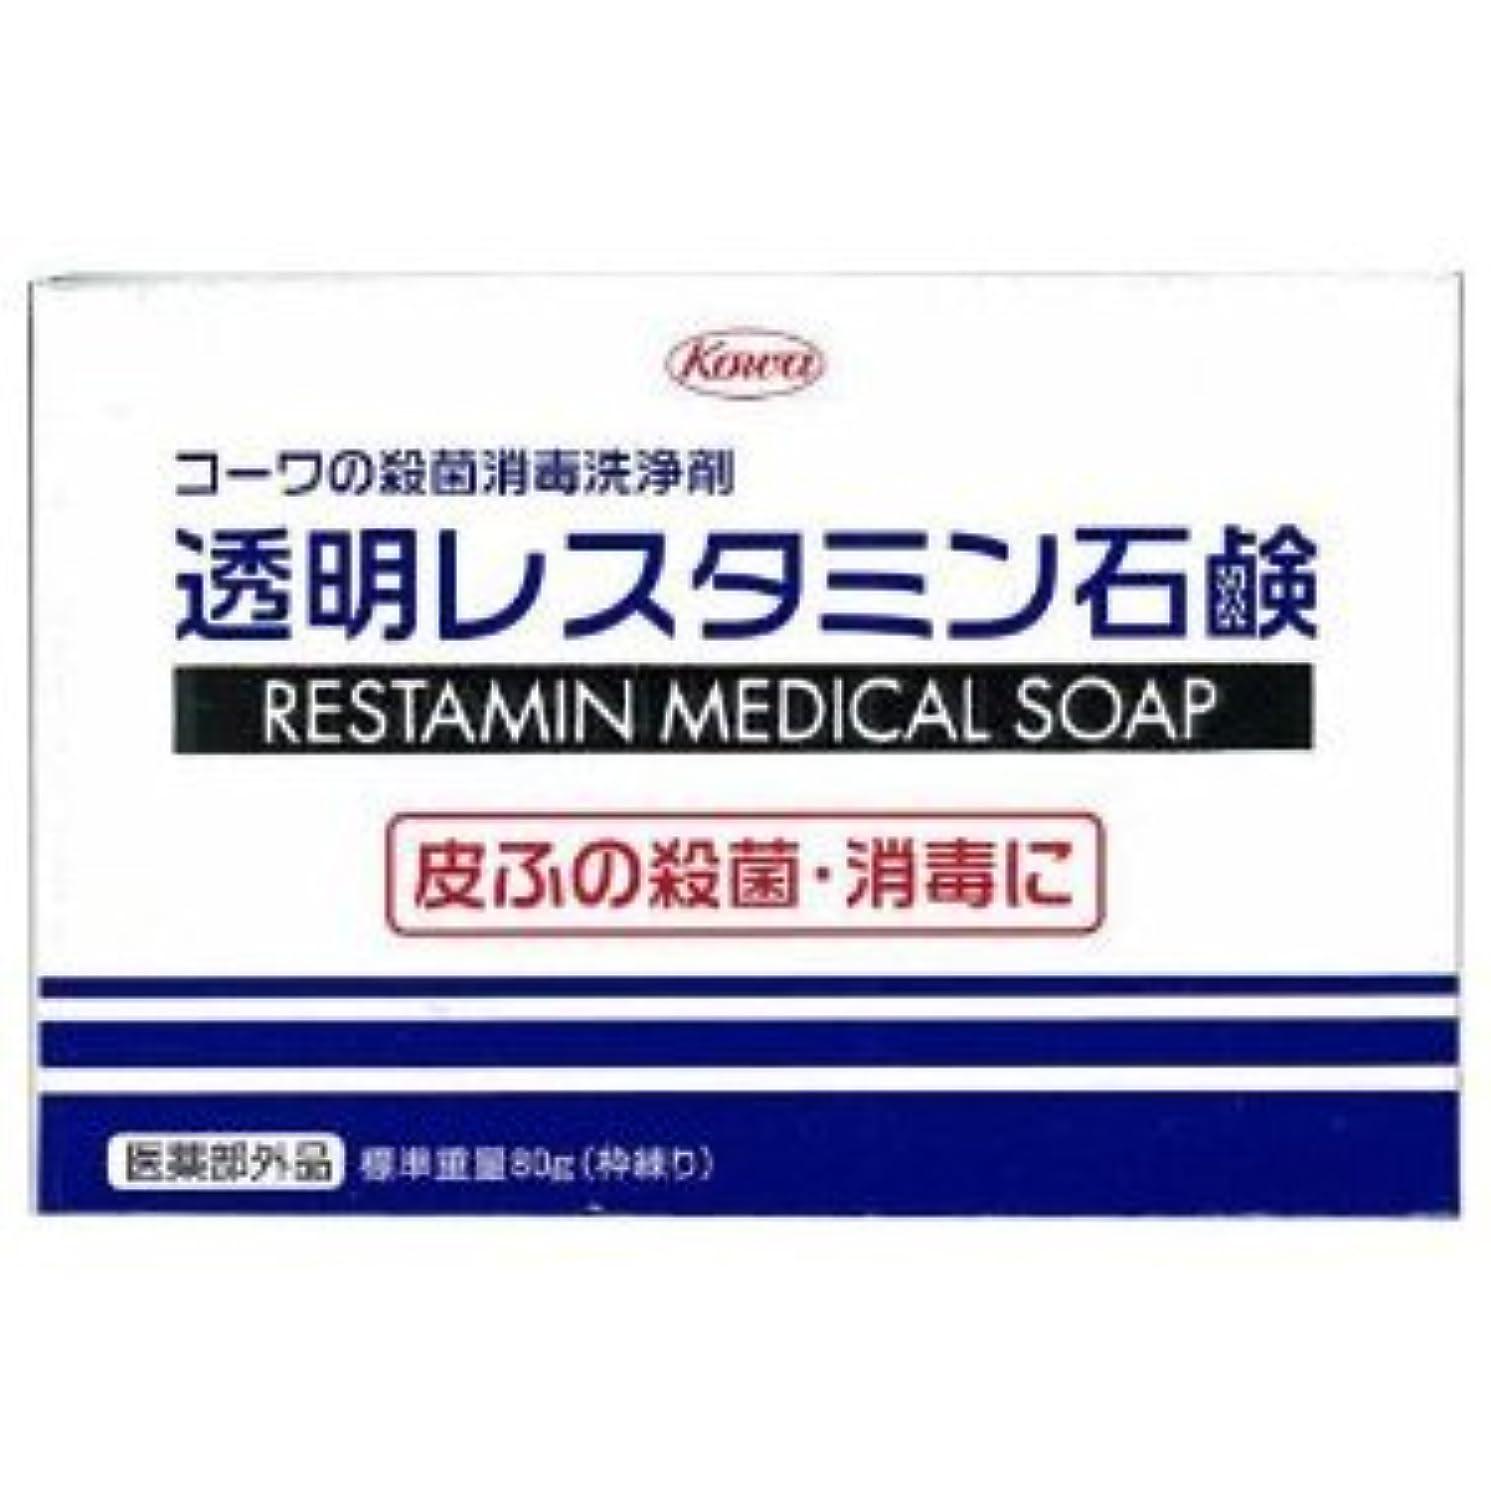 科学的スーパーマーケットもつれ【興和】コーワの殺菌消毒洗浄剤「透明レスタミン石鹸」80g(医薬部外品) ×10個セット